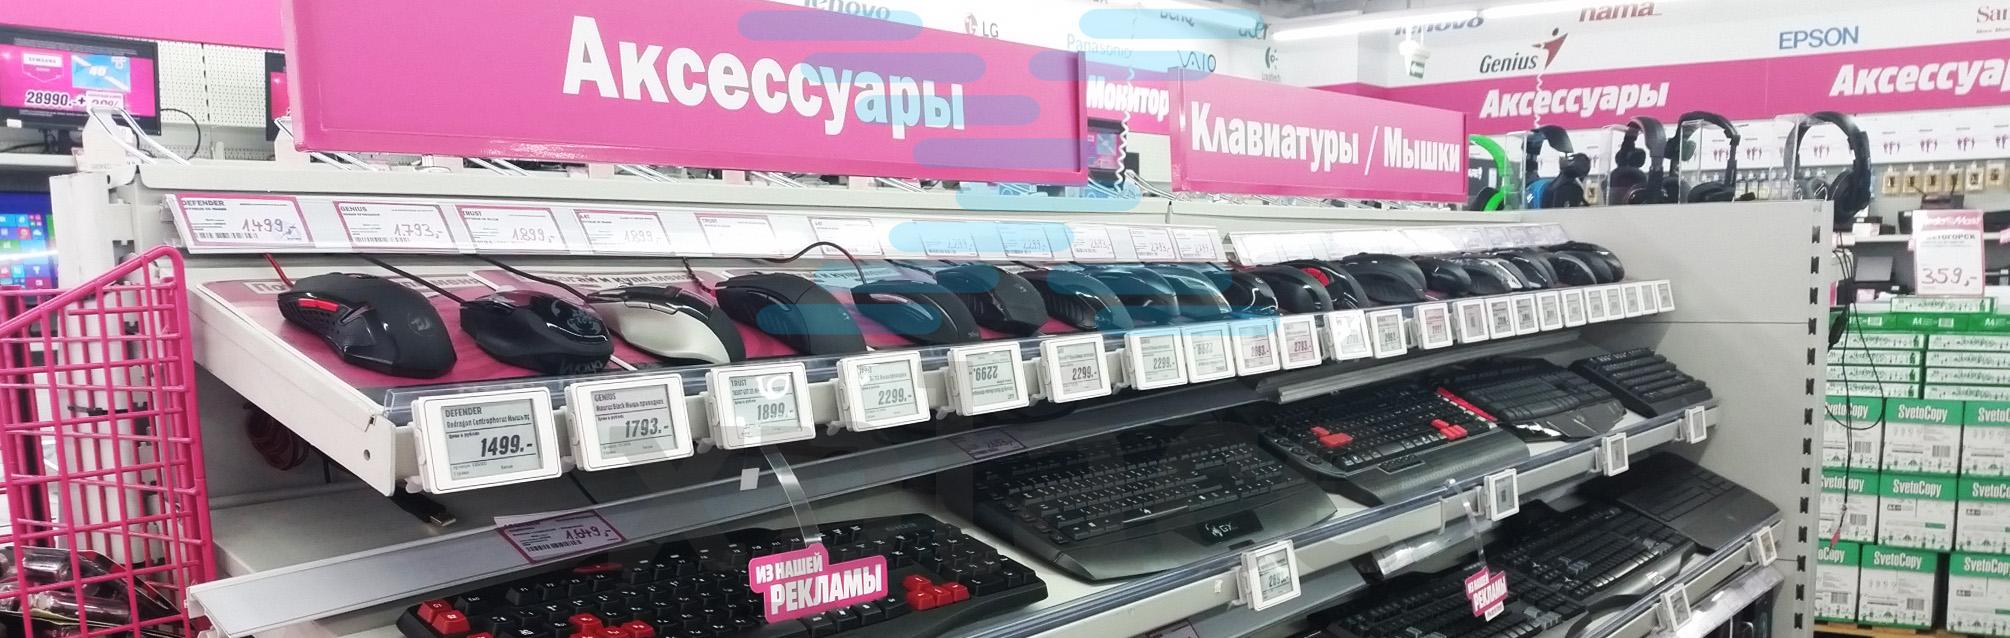 Электронные ценники в Media Markt в ТЦ Ереван Плаза